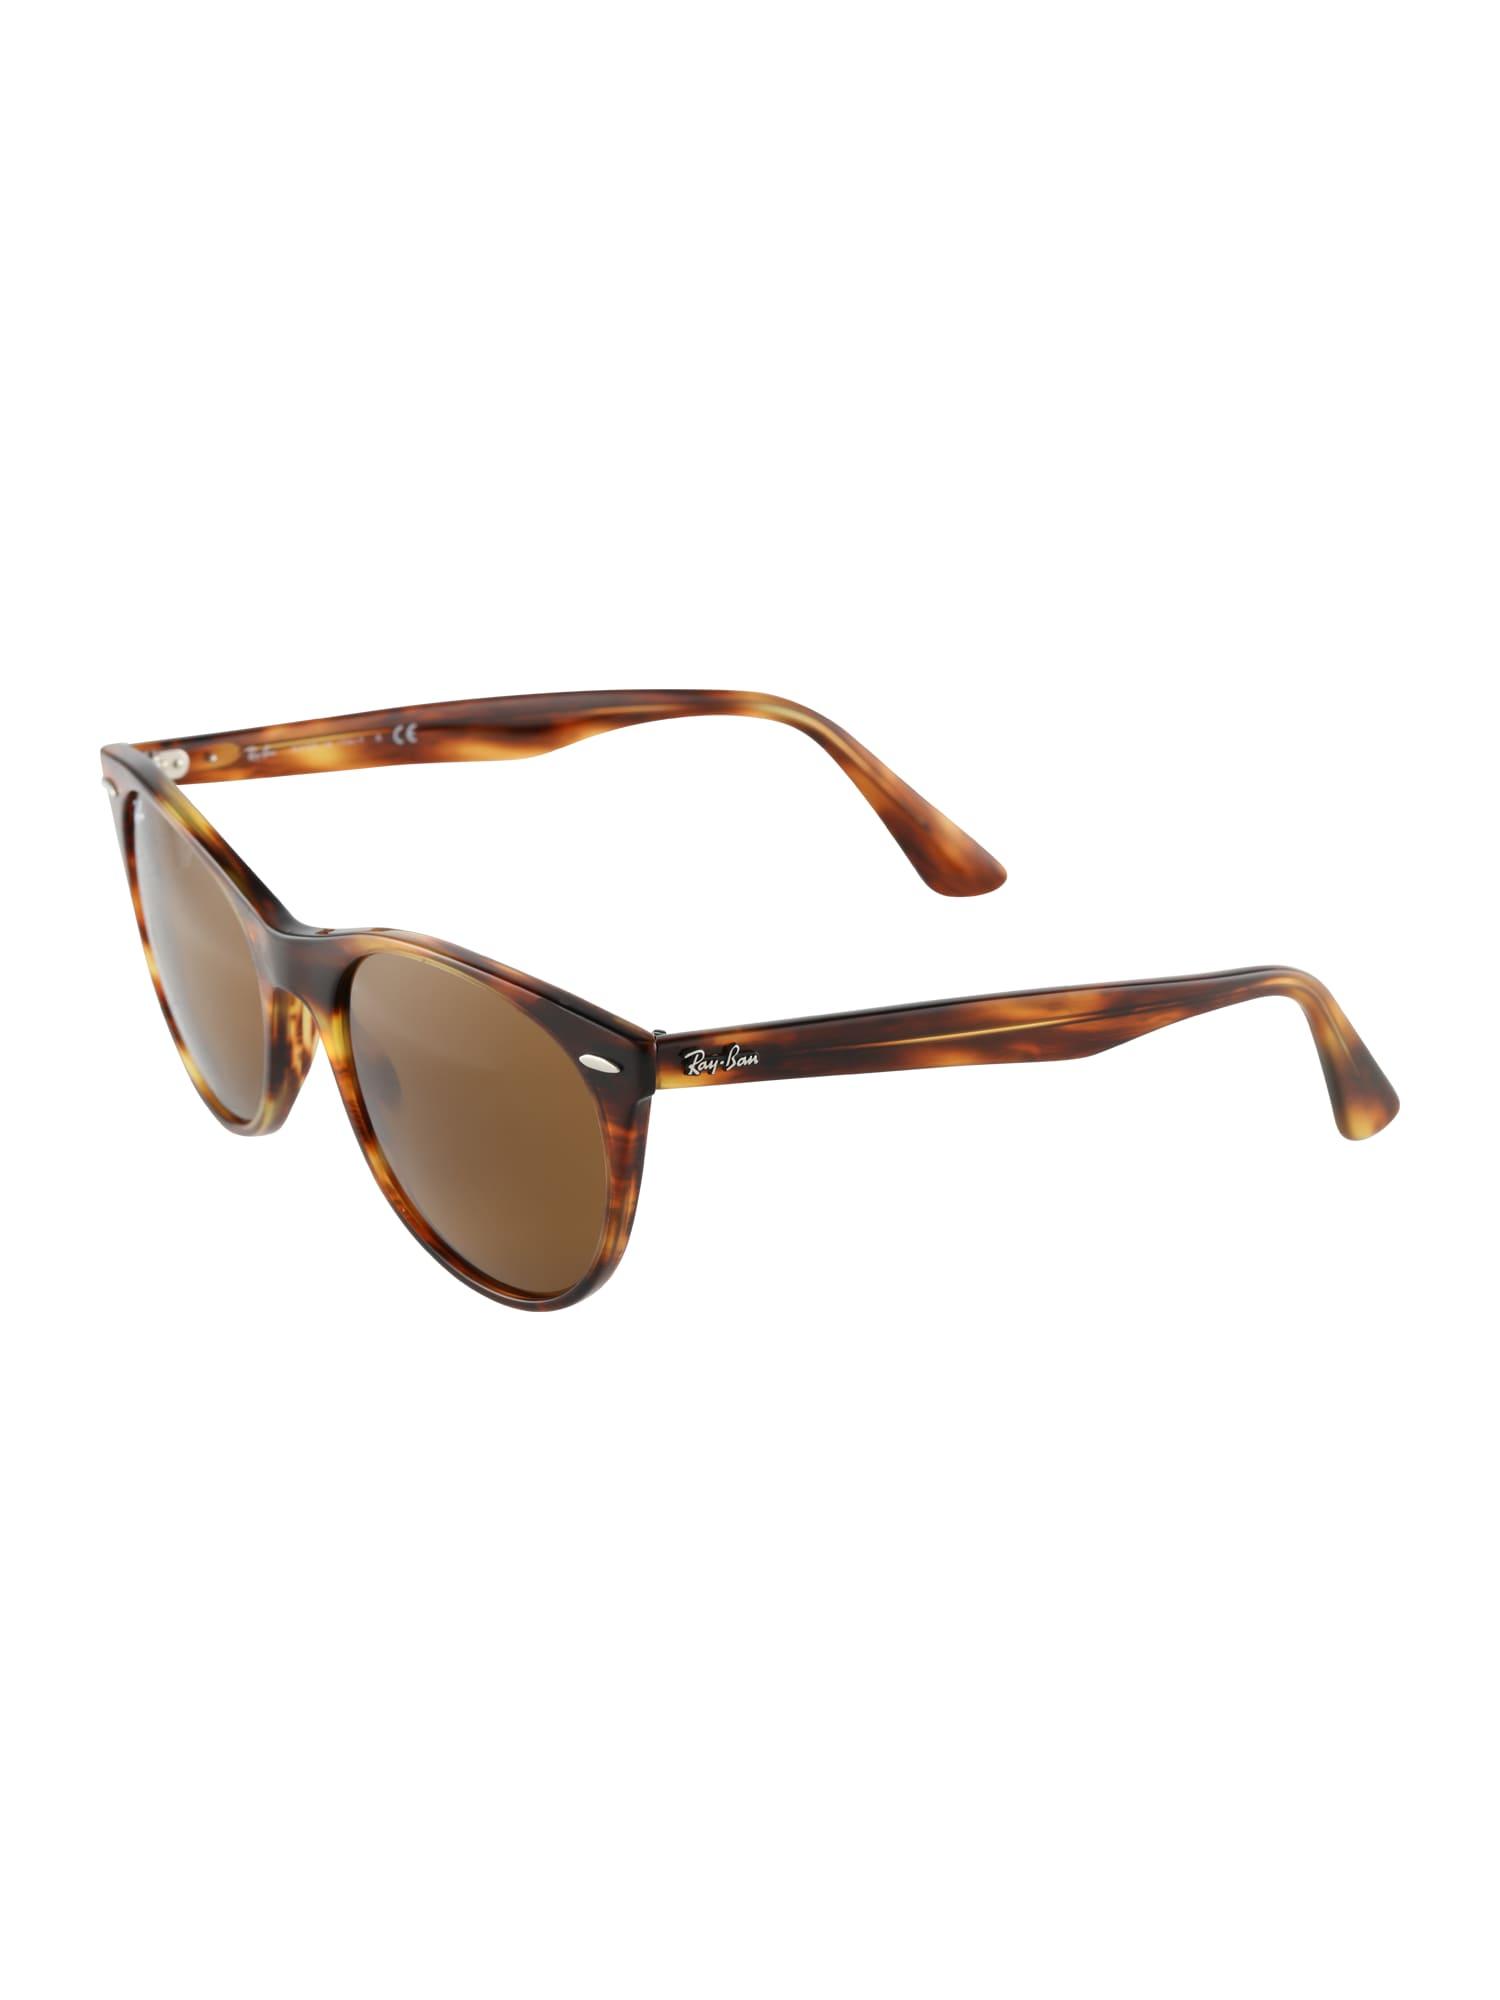 Sonnenbrille | Accessoires > Sonnenbrillen > Sonstige Sonnenbrillen | Ray-Ban